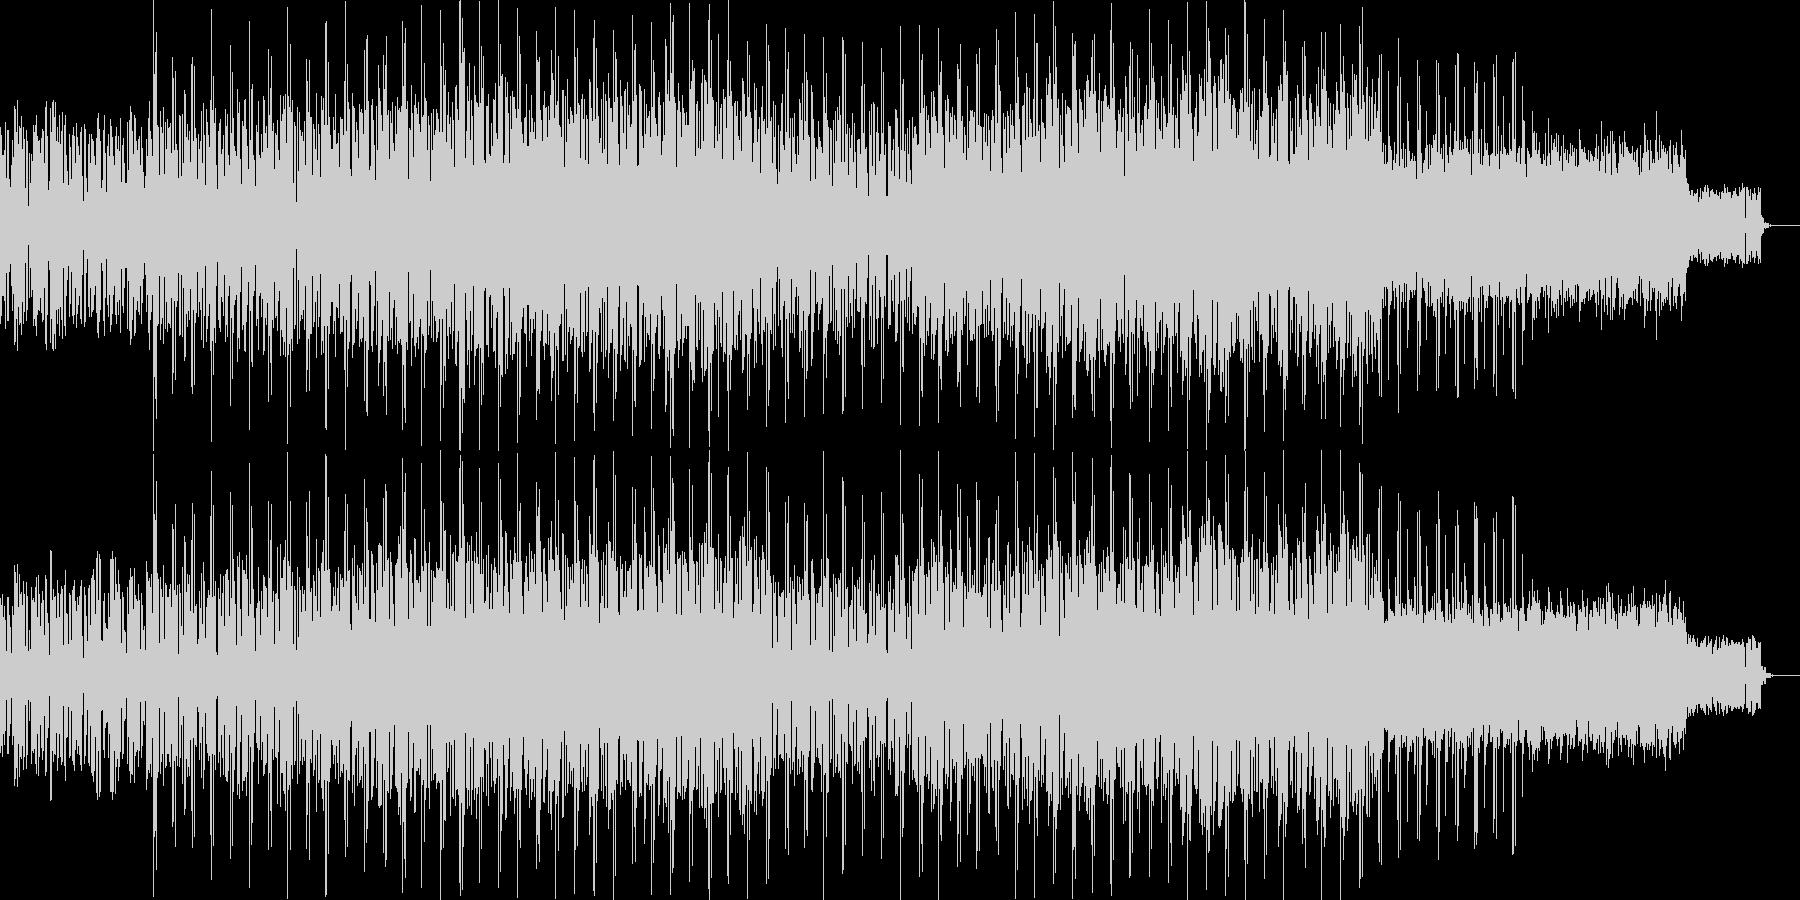 ニュース映像ナレーションバック向け-04の未再生の波形